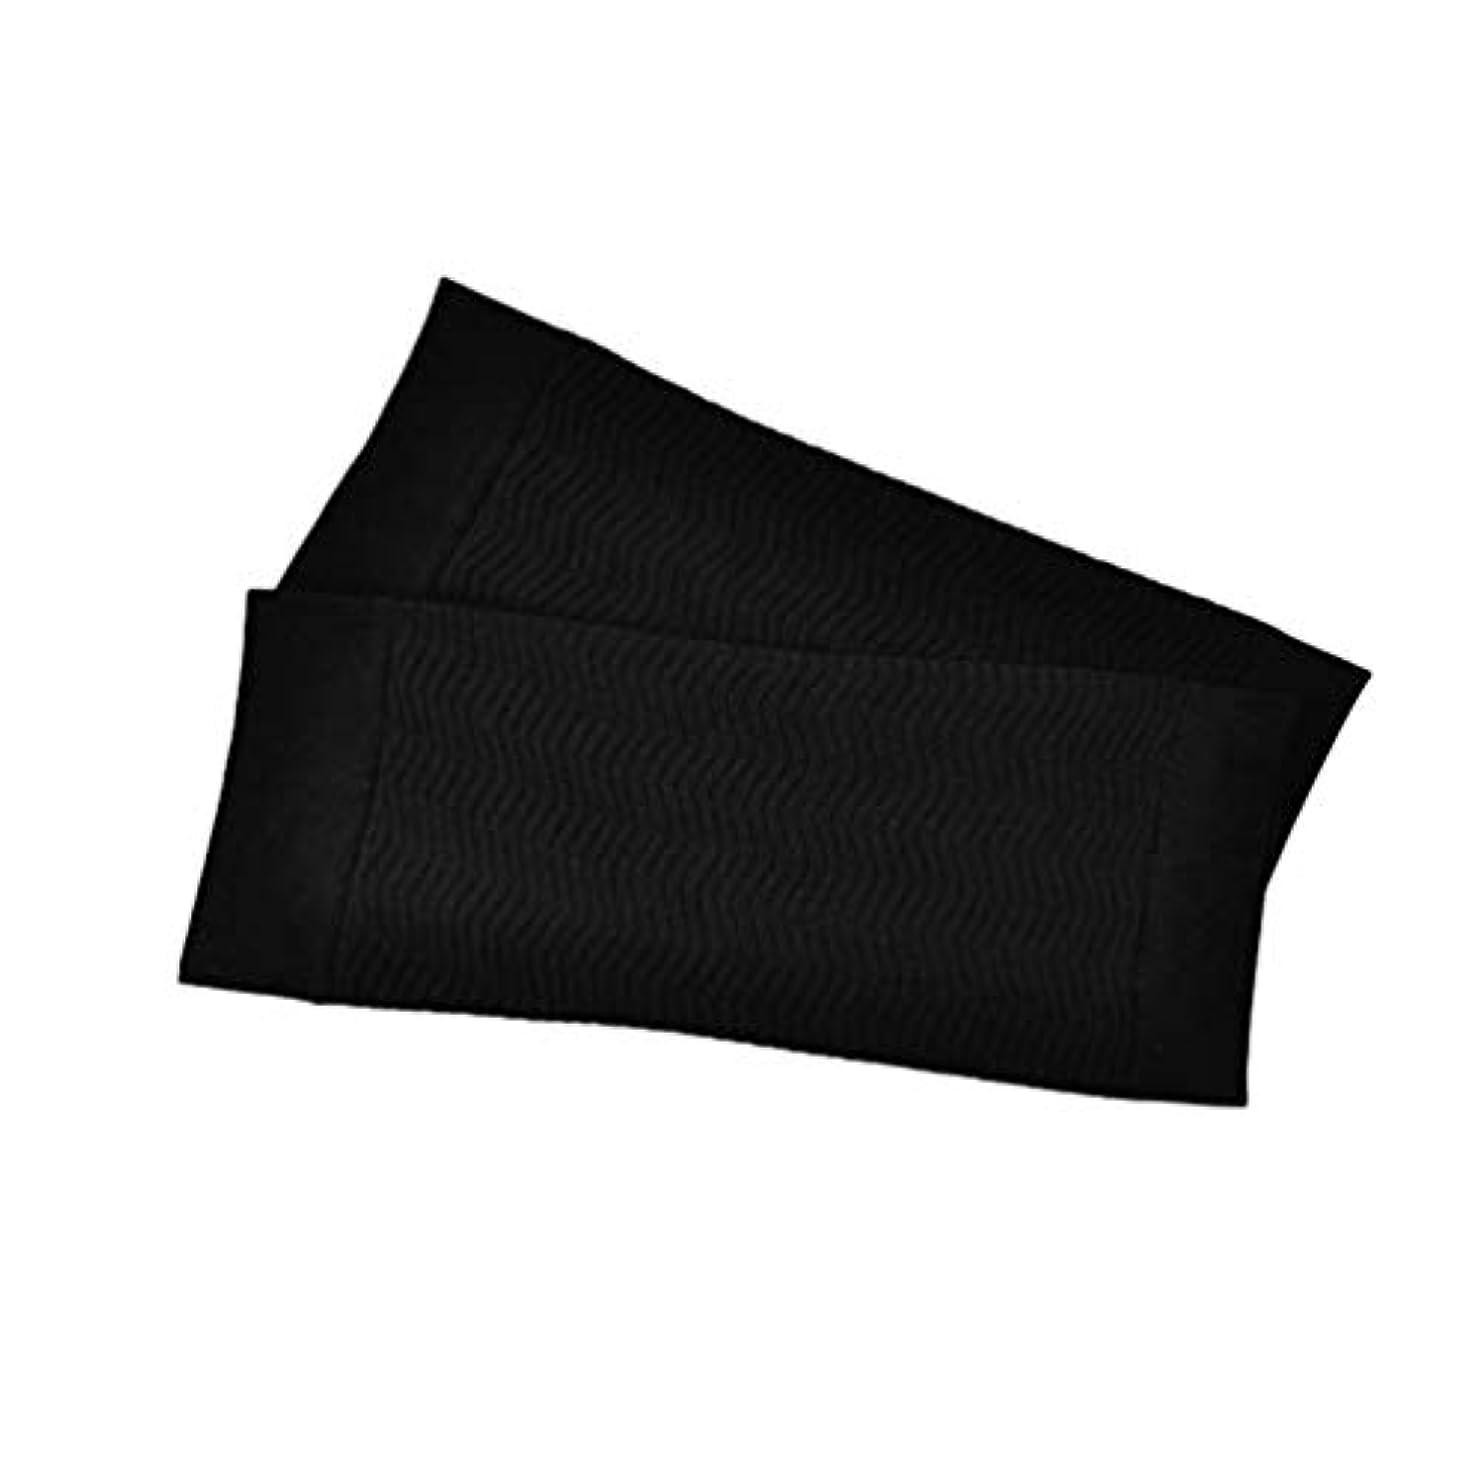 暴力商品居眠りする1ペア680 D圧縮アームシェイパーワークアウトトーニングバーンセルライトスリミングアームスリーブ脂肪燃焼半袖用女性 - ブラック